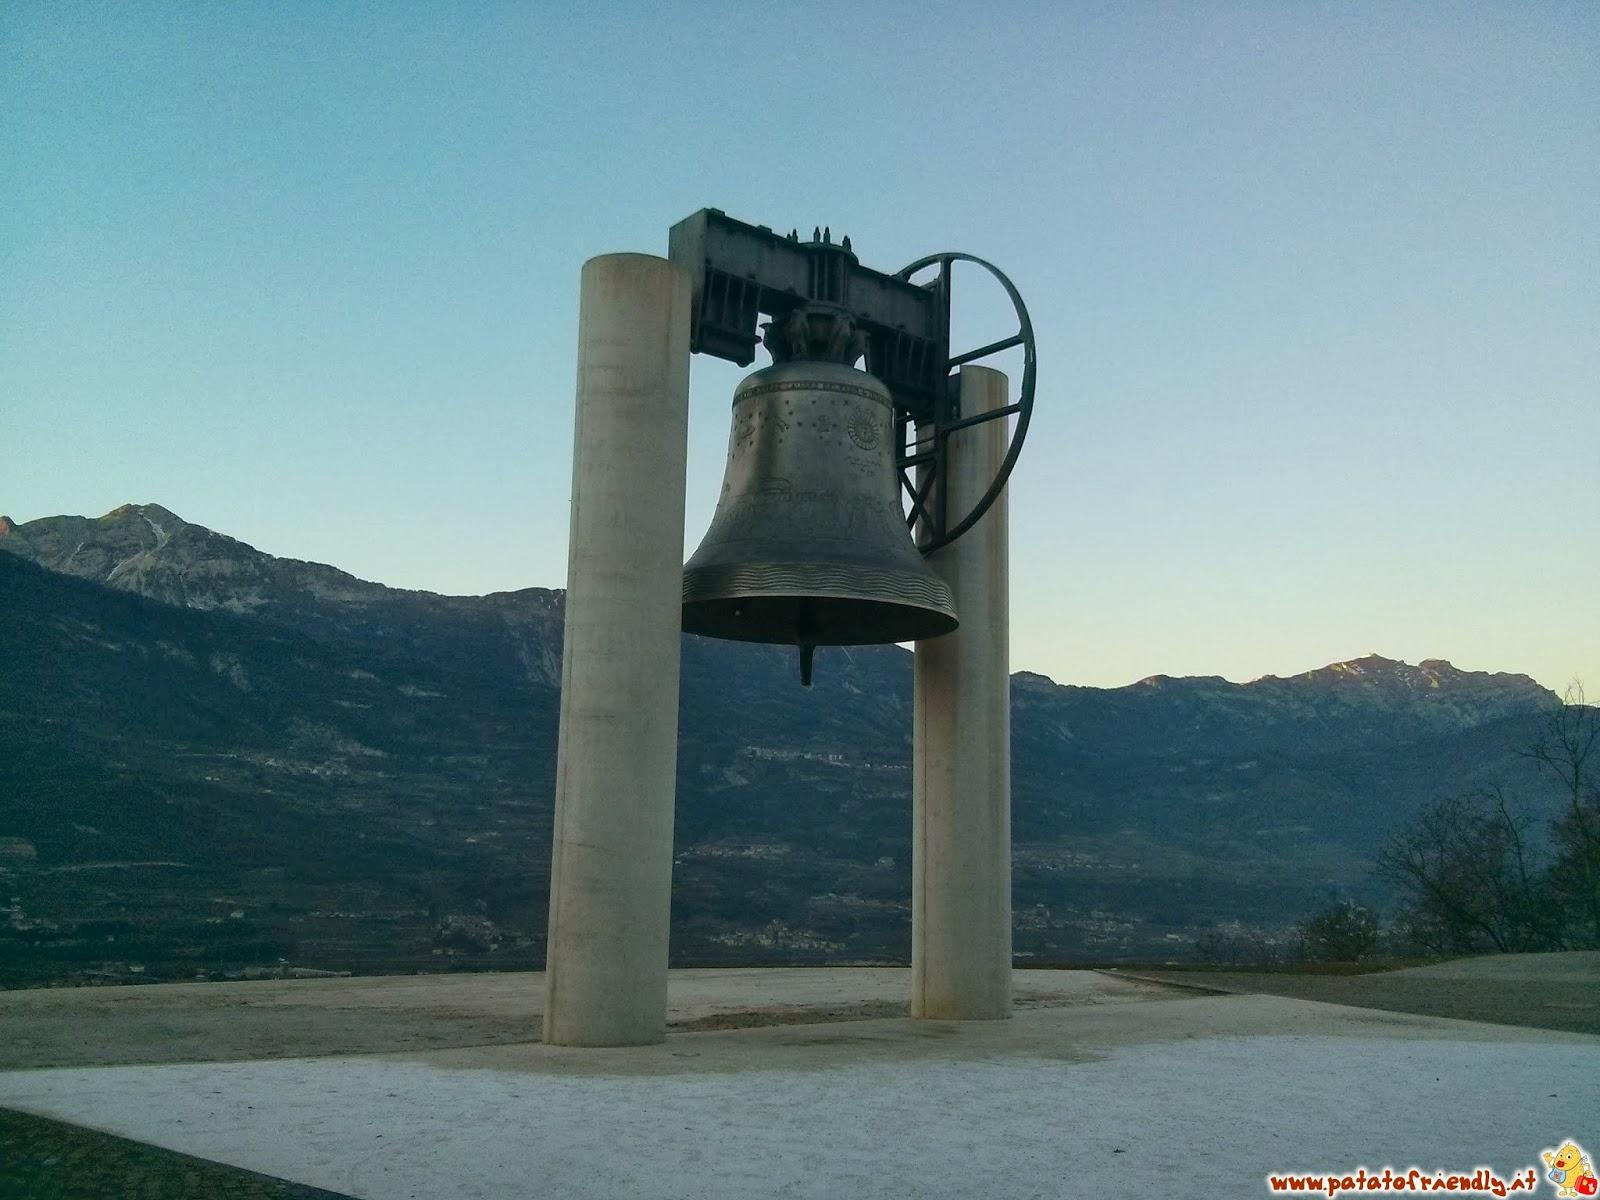 La campana della pace a Rovereto